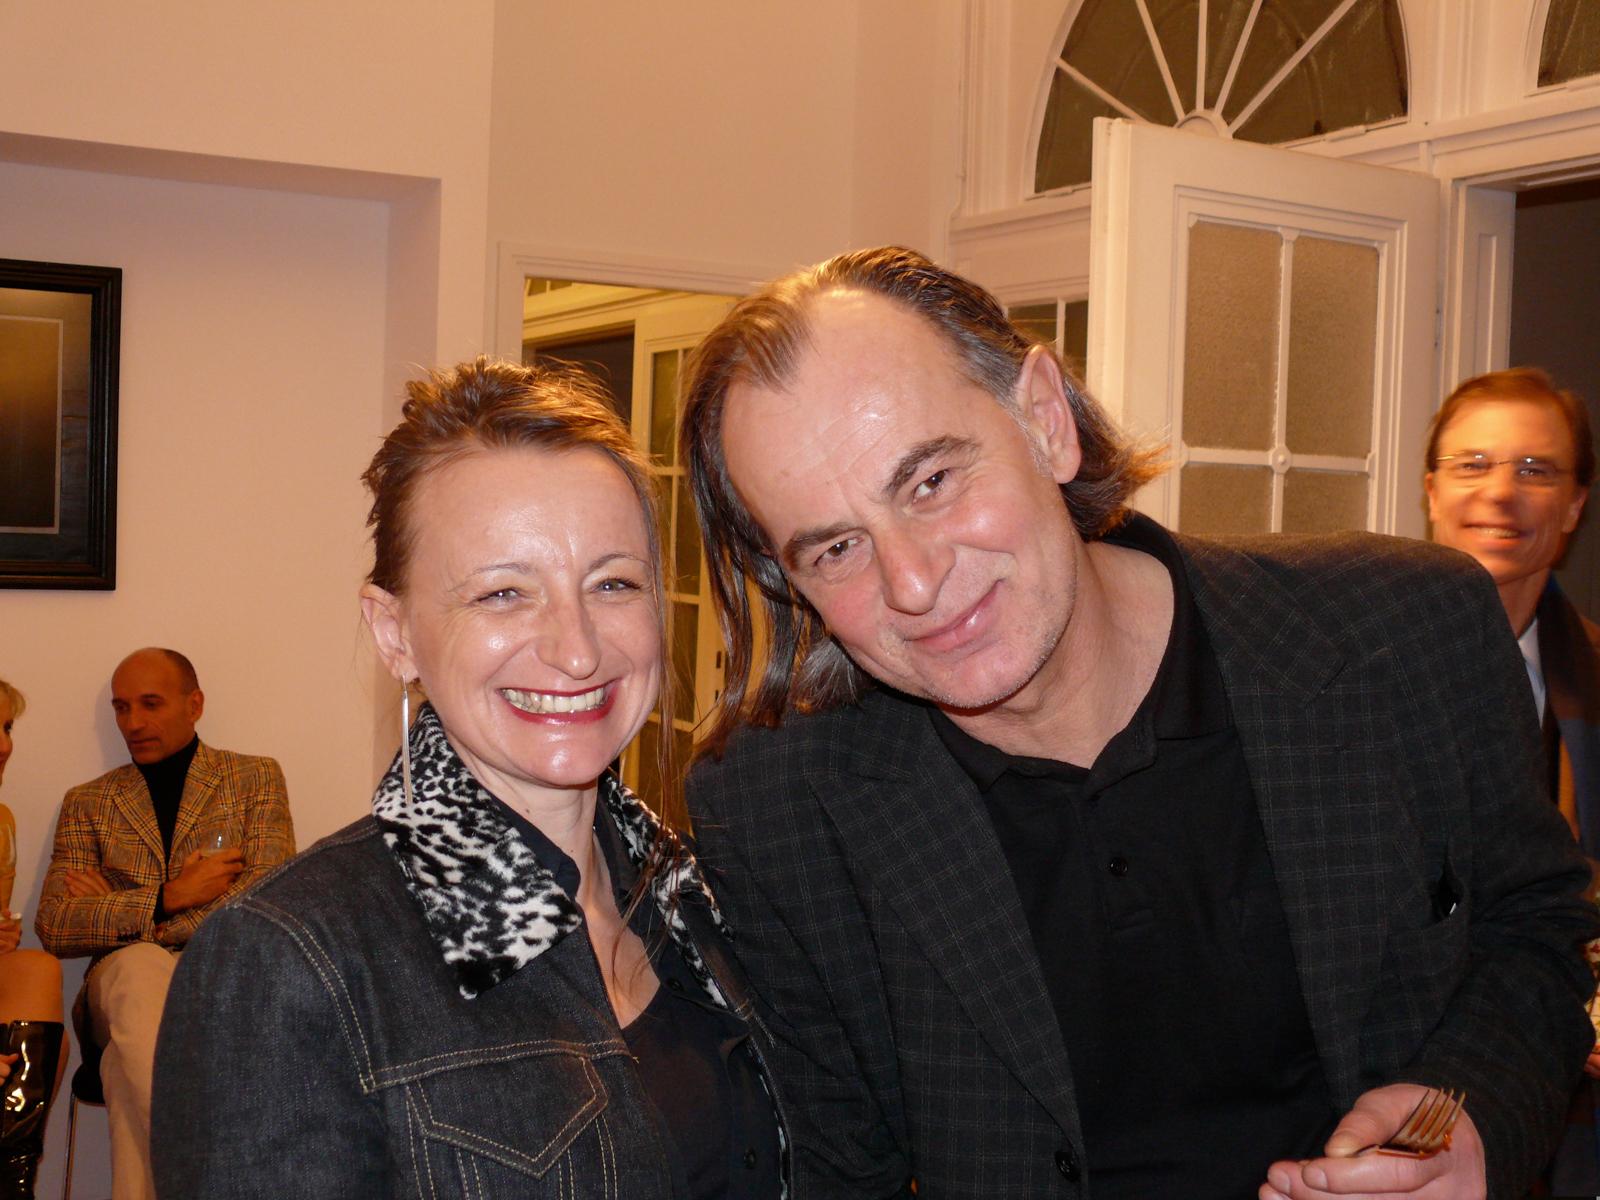 Caren Dinges & Künstler Franz Gager 2009 in der Ausstellung in der Dompfarre Wien